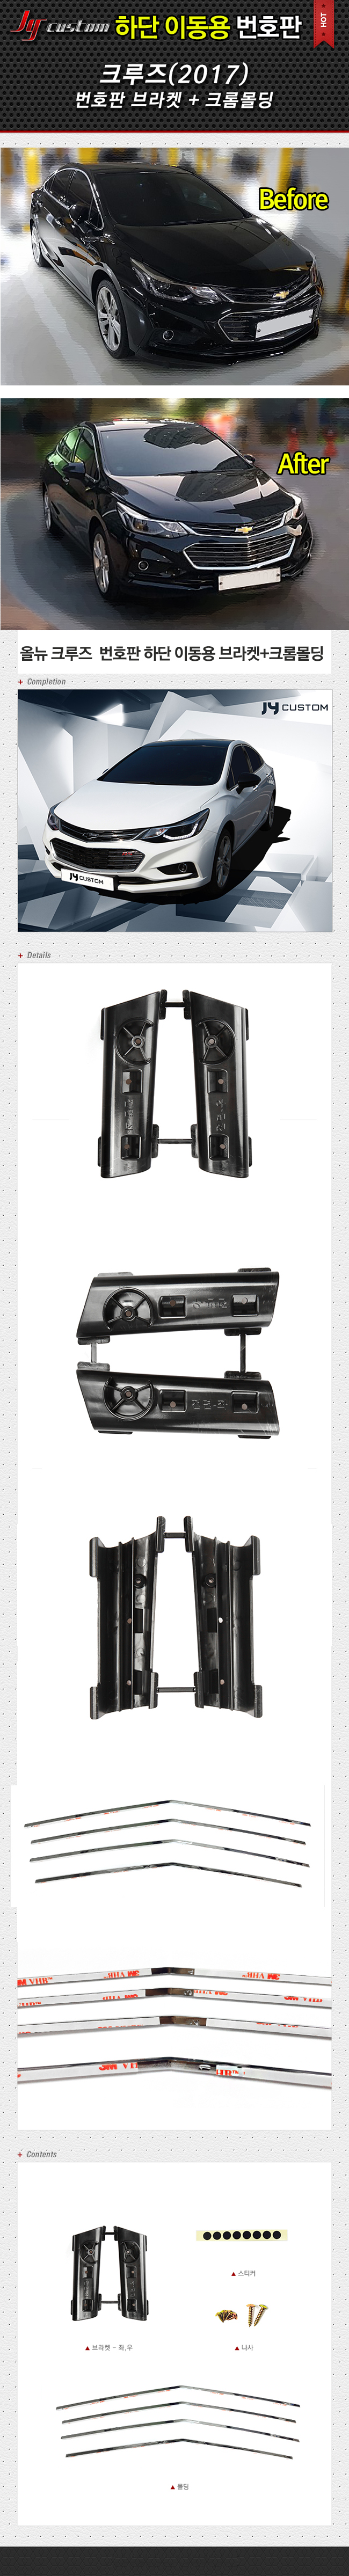 올뉴크루즈(2017~) 번호판 하단이동용 브라켓+크롬몰딩